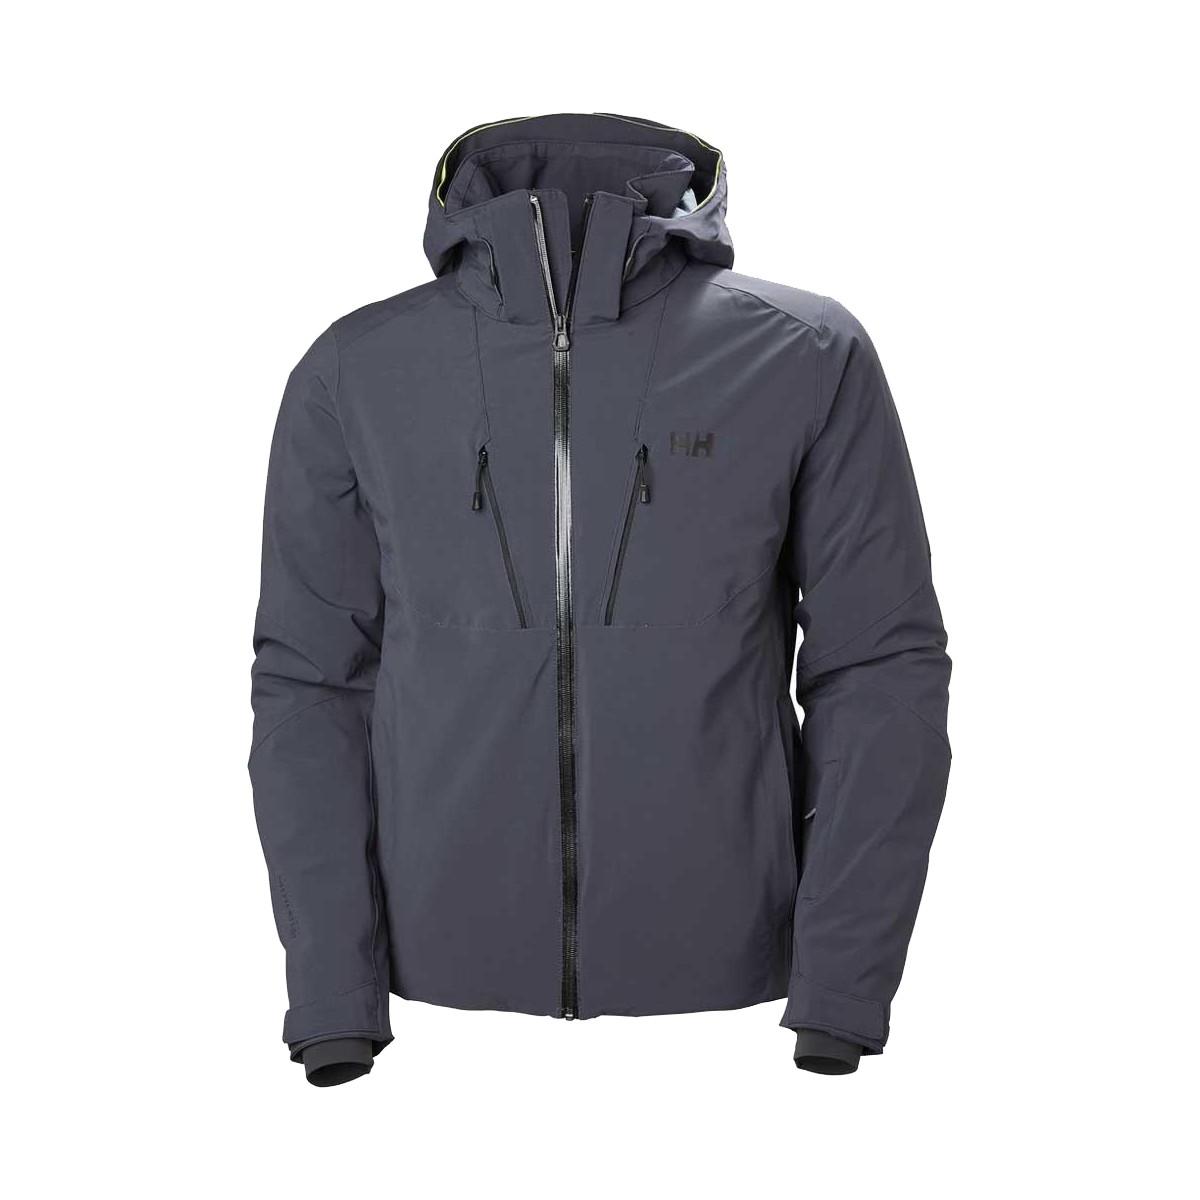 Lighting Jacket: Ski Jacket Helly Hansen Lightning Man